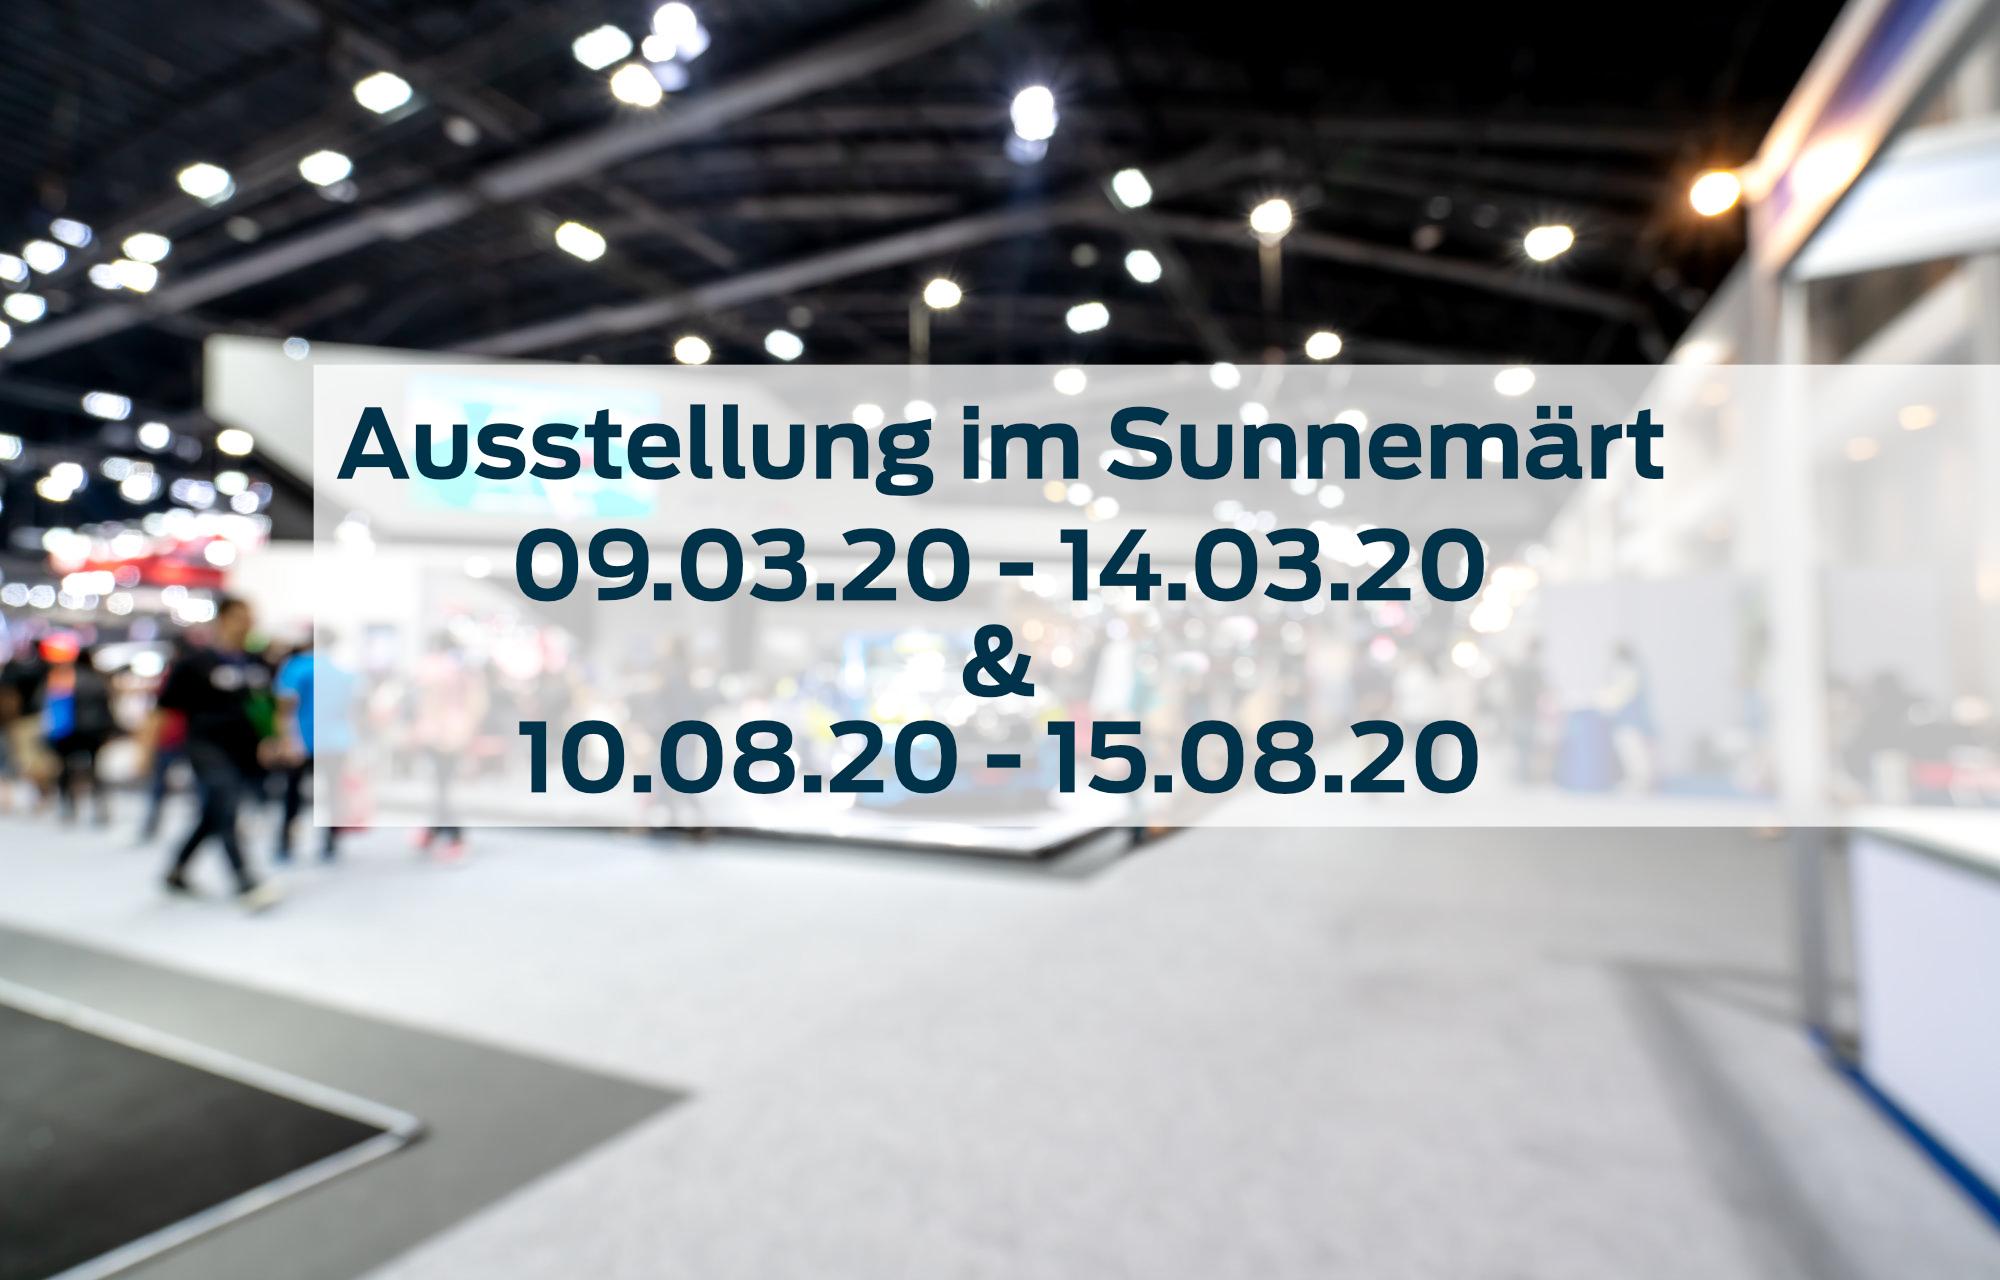 Ausstellung in der Mall vom Sunnemärt in Bremgarten